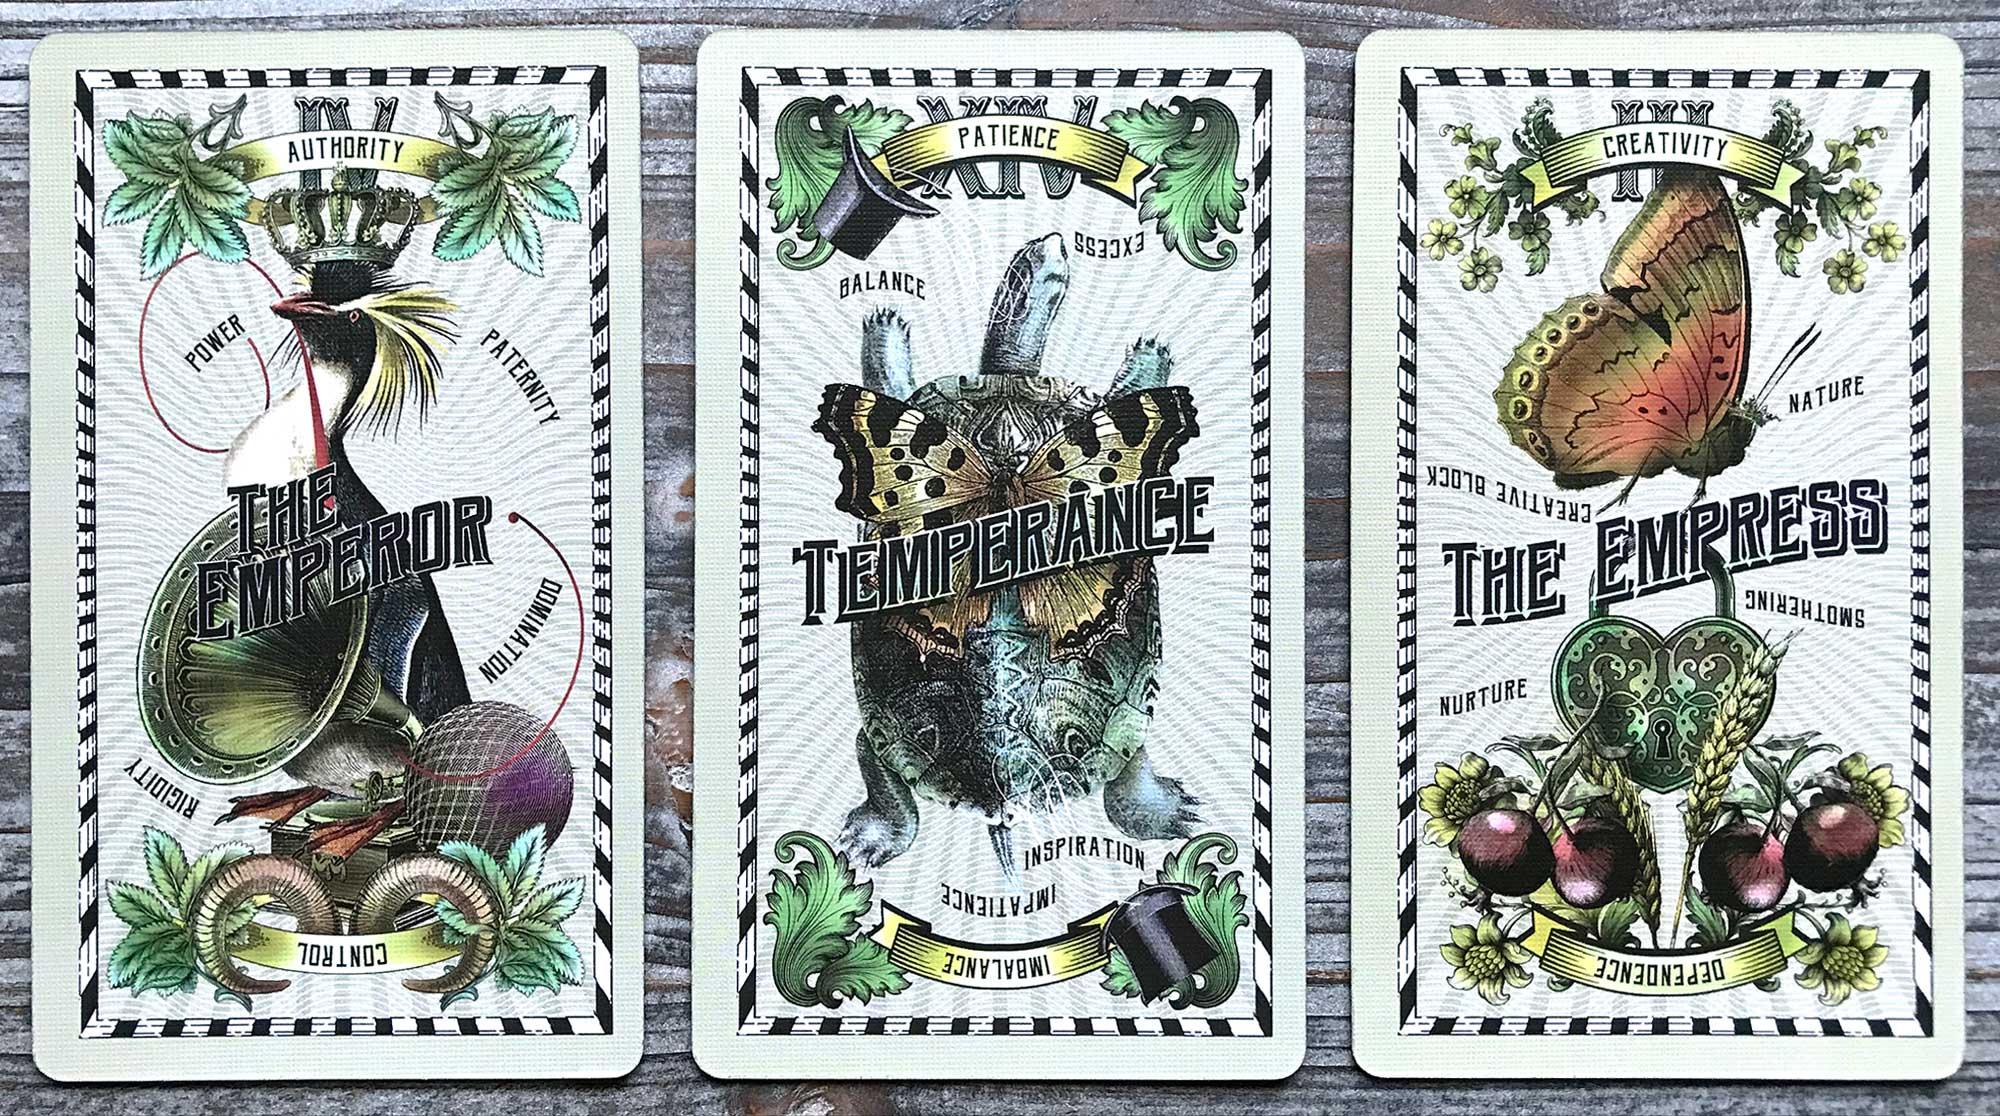 5 Cent Tarot